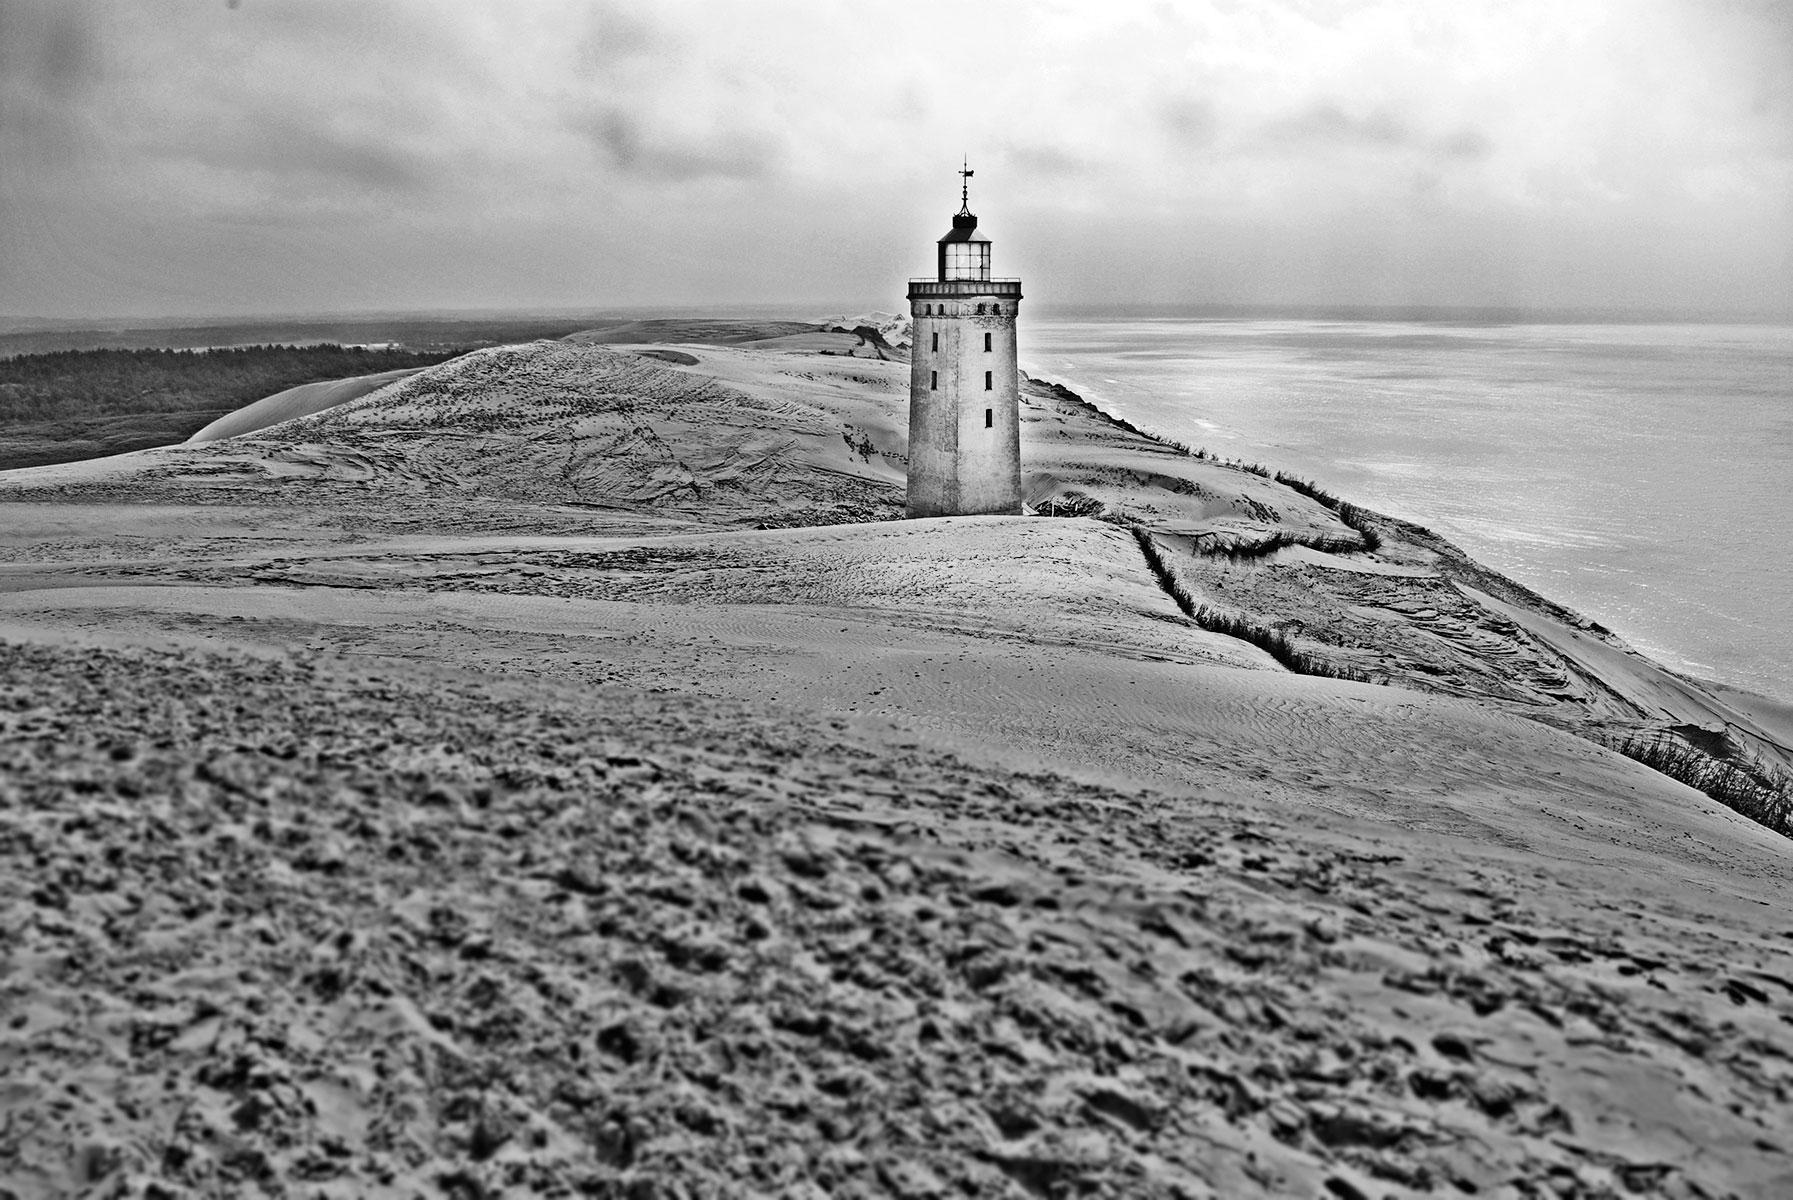 Rugbjerg Knude Fyr ved Lønstrup Visit Nordjylland fotograferet af Karina Romanow, photoshop af Karina Romanow